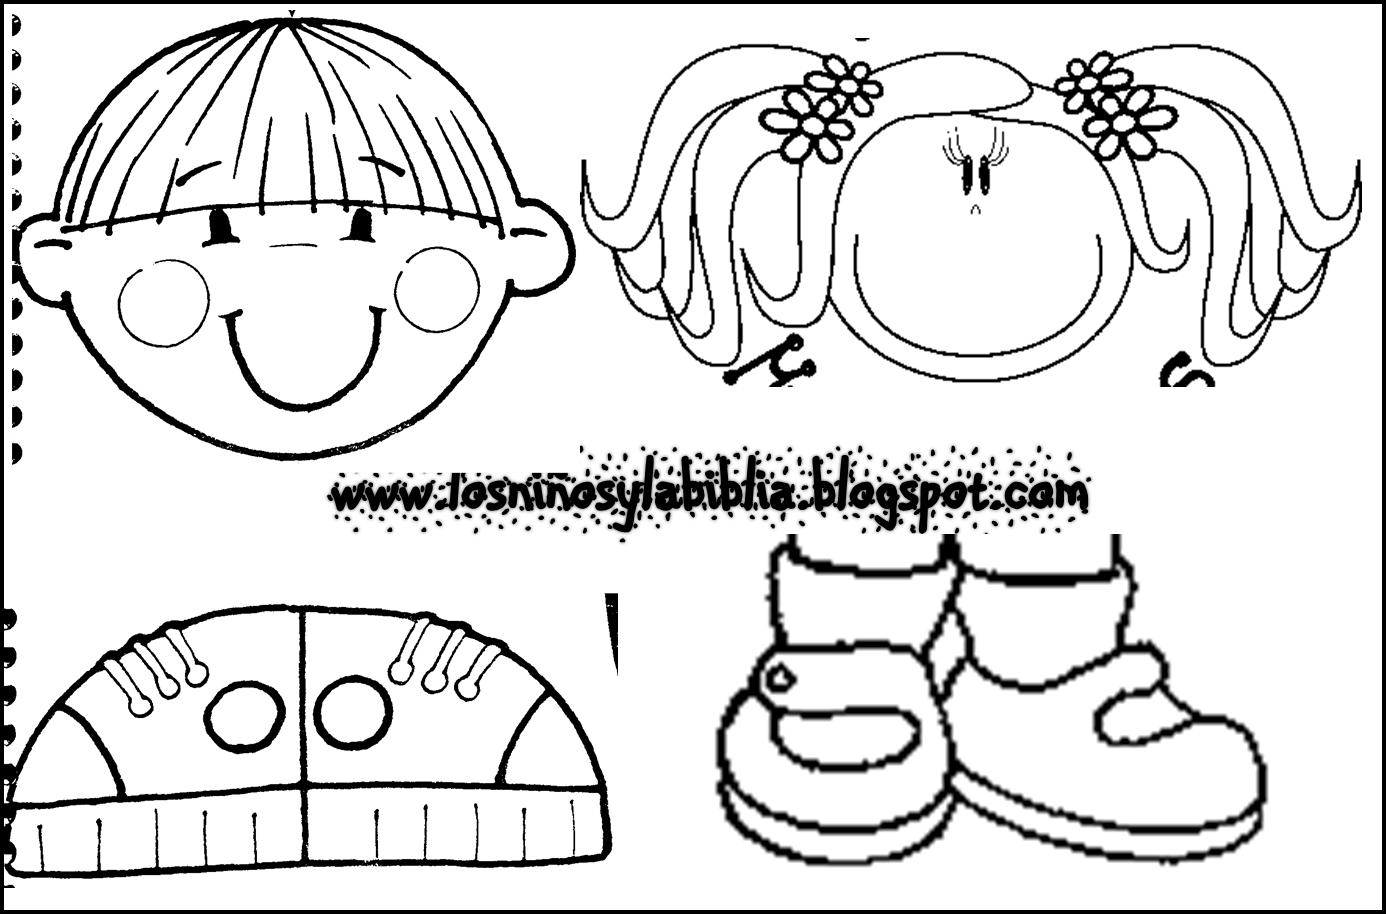 """Dibujo De La Palabra Otoño Para Colorear Con Los Niños: Los Niños Y La Biblia: Campaña: """"Ama A Tu Prójimo"""" Por El"""